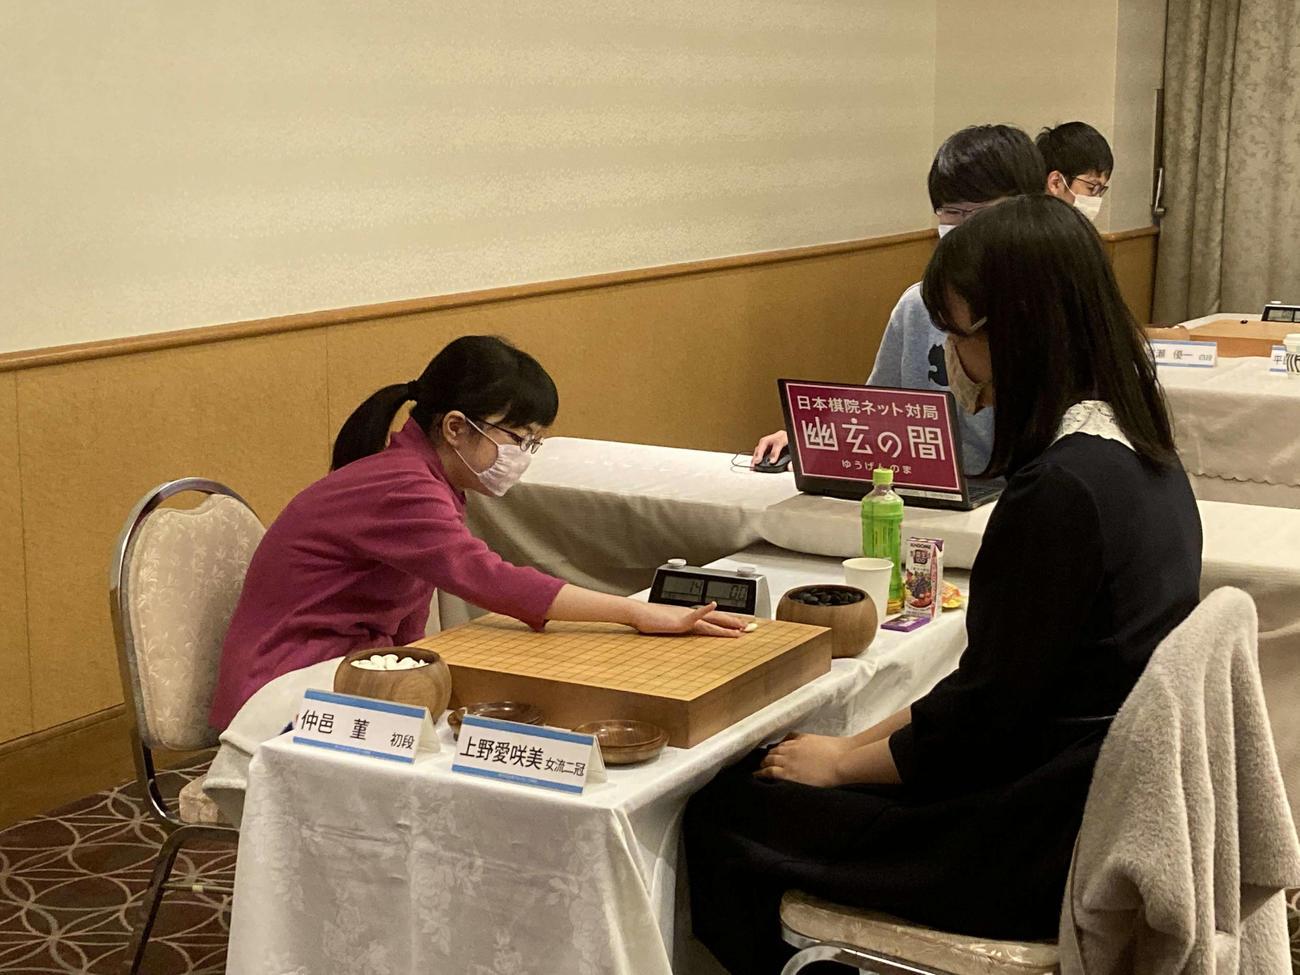 広島アルミ杯若鯉戦の本戦に初めて勝ち上がった仲邑菫初段は惜しくも1回戦で敗退(日本棋院提供)